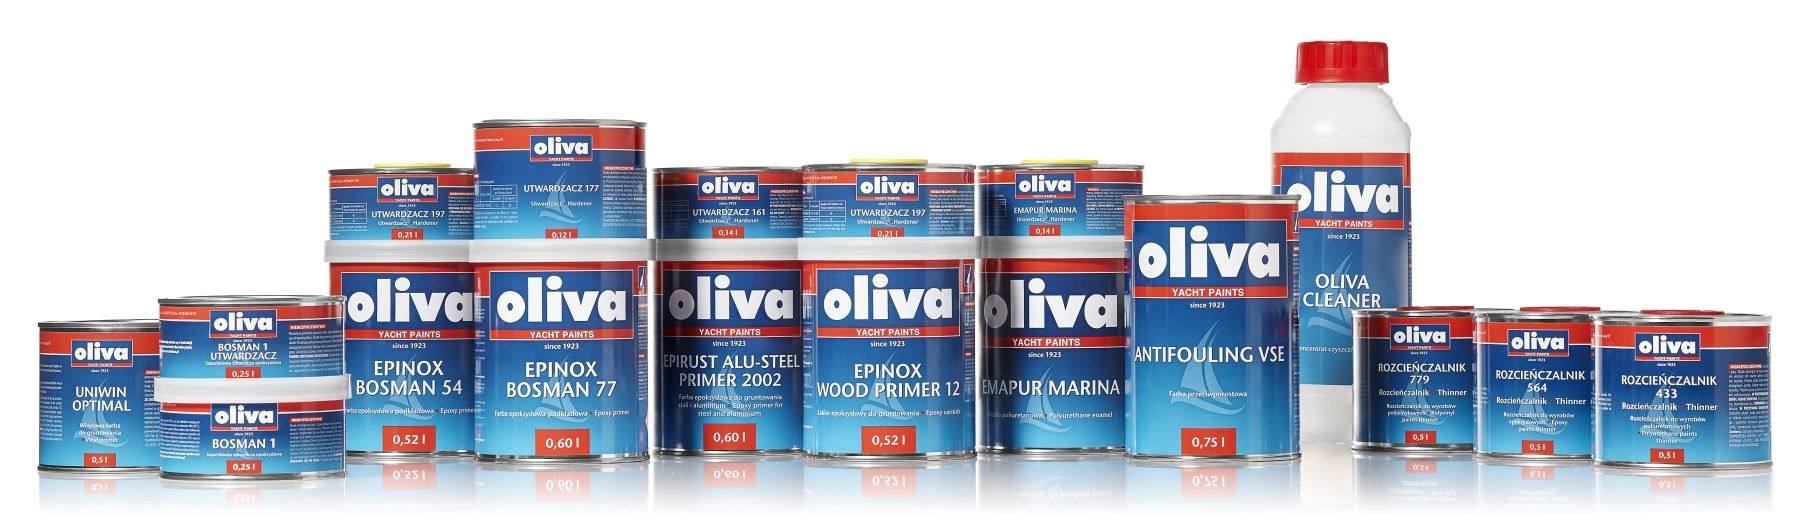 grupowe oliva bosman 1 farby jachtowe, malowanie łodzi, malowanie jachtów